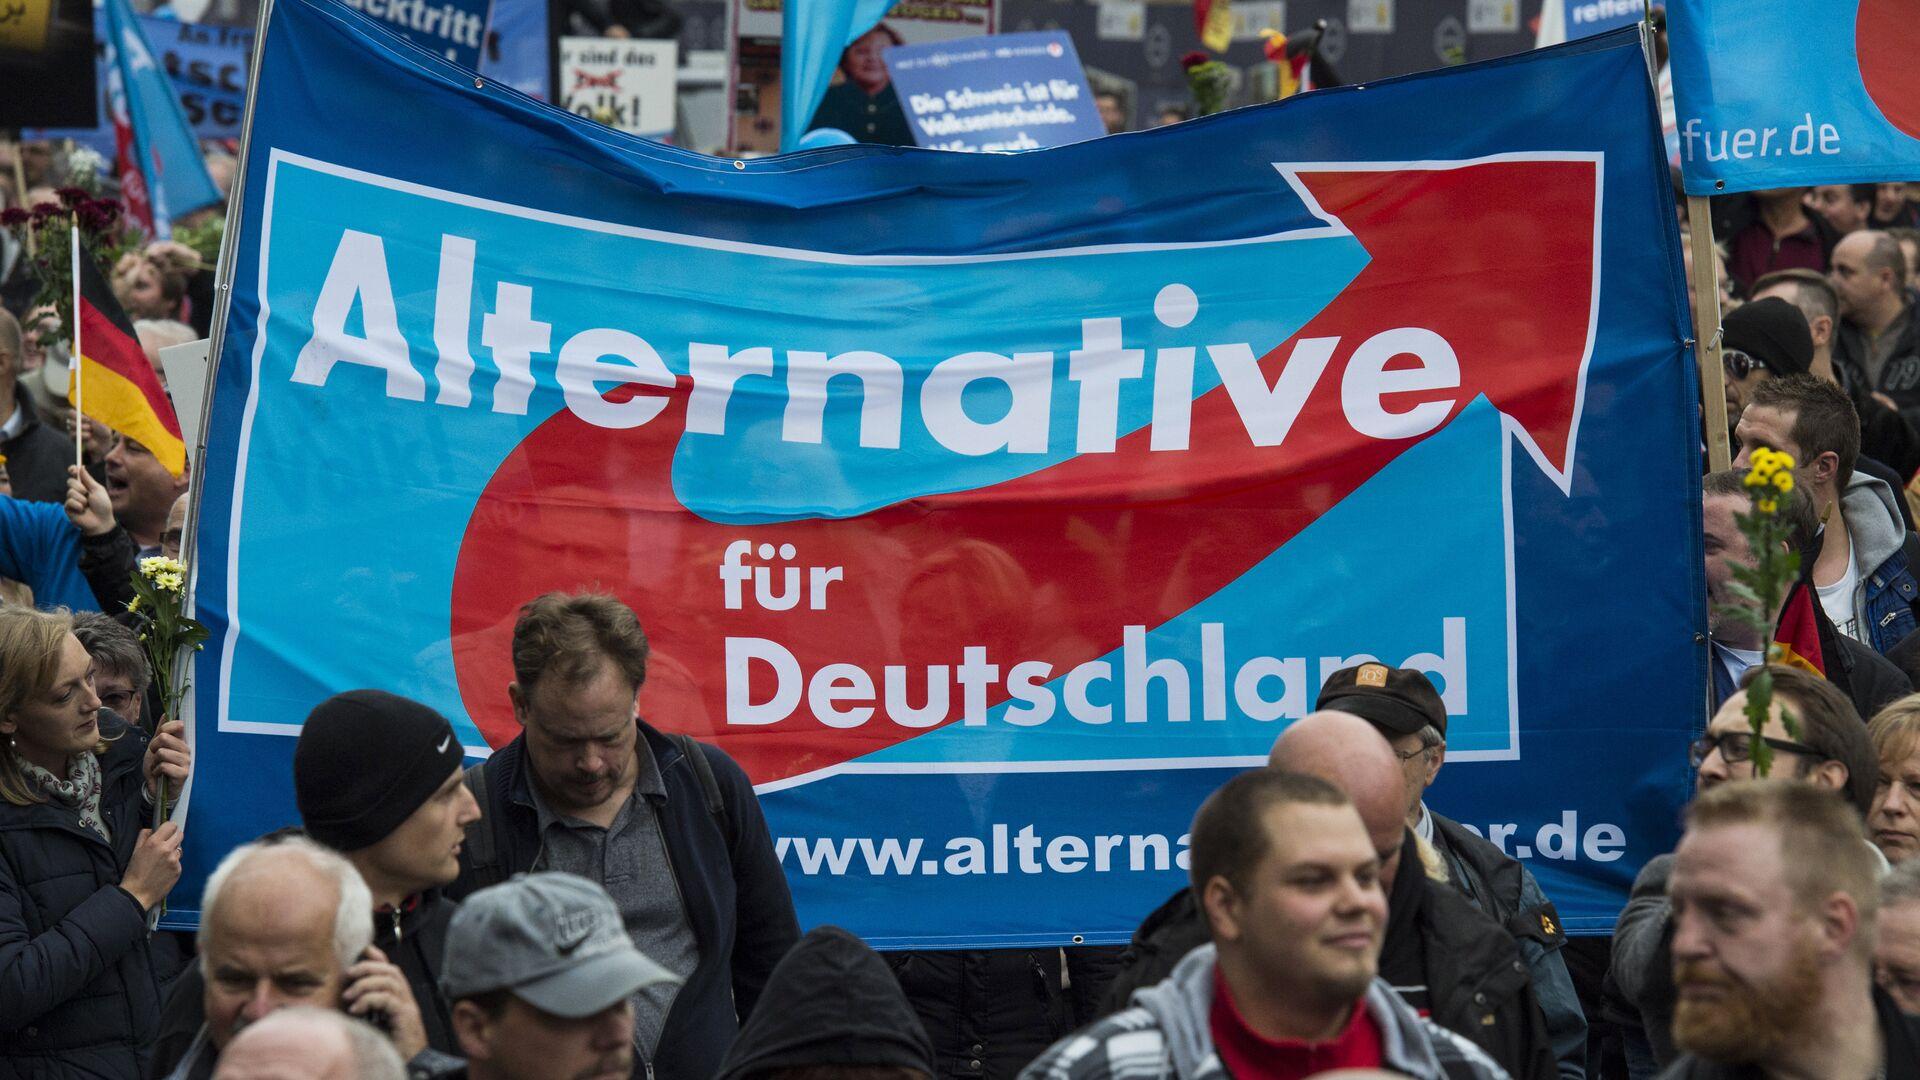 Partidores del Alternativa para Alemania en Berlín - Sputnik Mundo, 1920, 13.07.2021